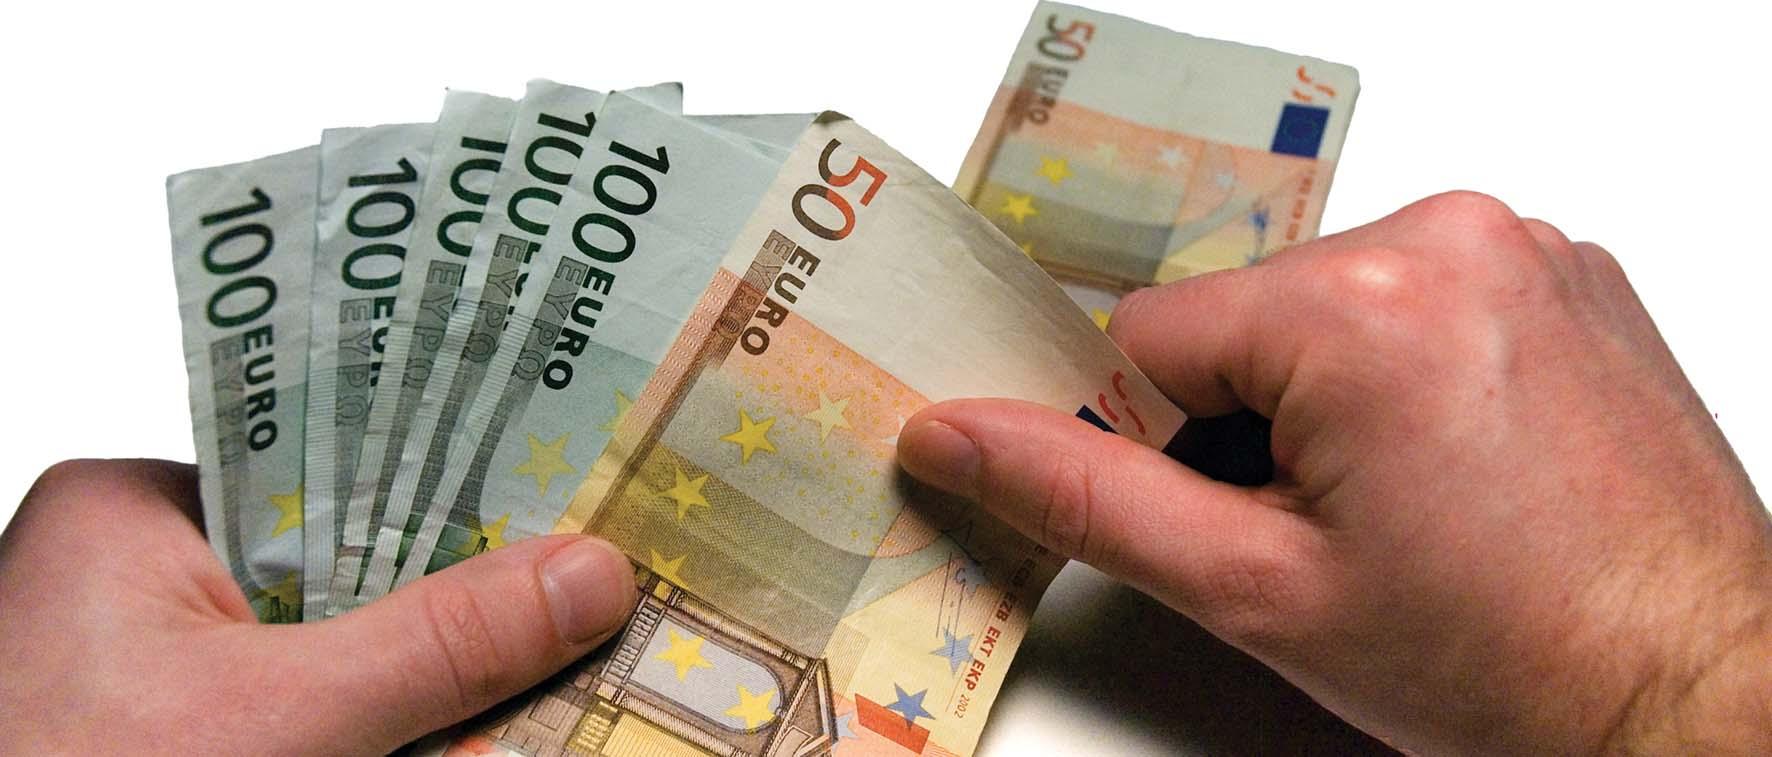 euro soldi conteggio mano